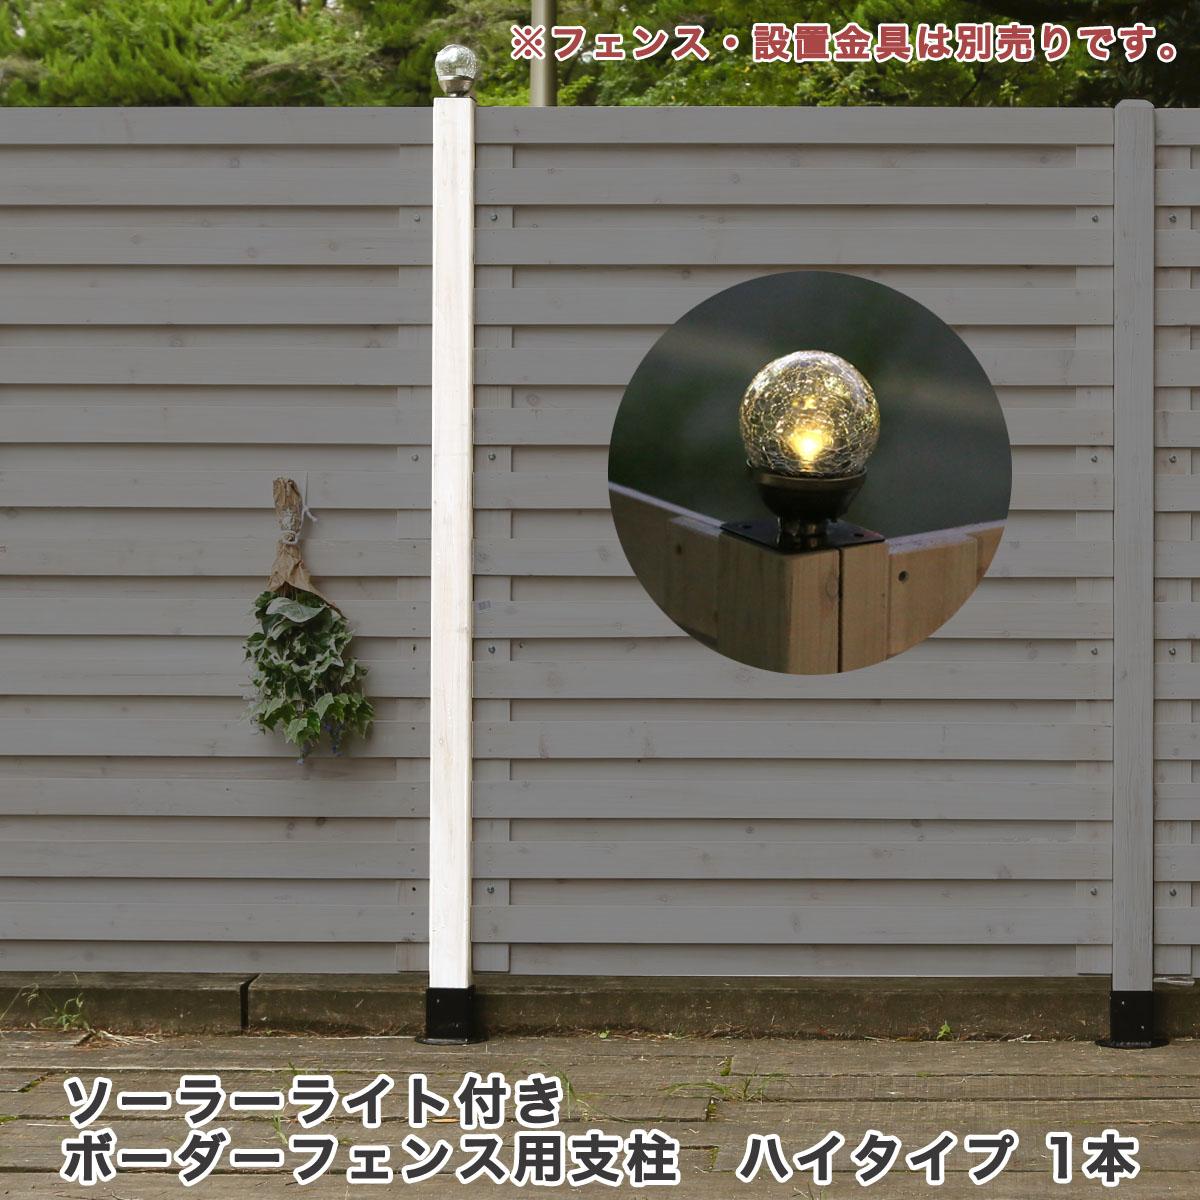 ボーダーフェンス用ソーラーライト付きポール ハイタイプ 商品型番:slbpst-hi